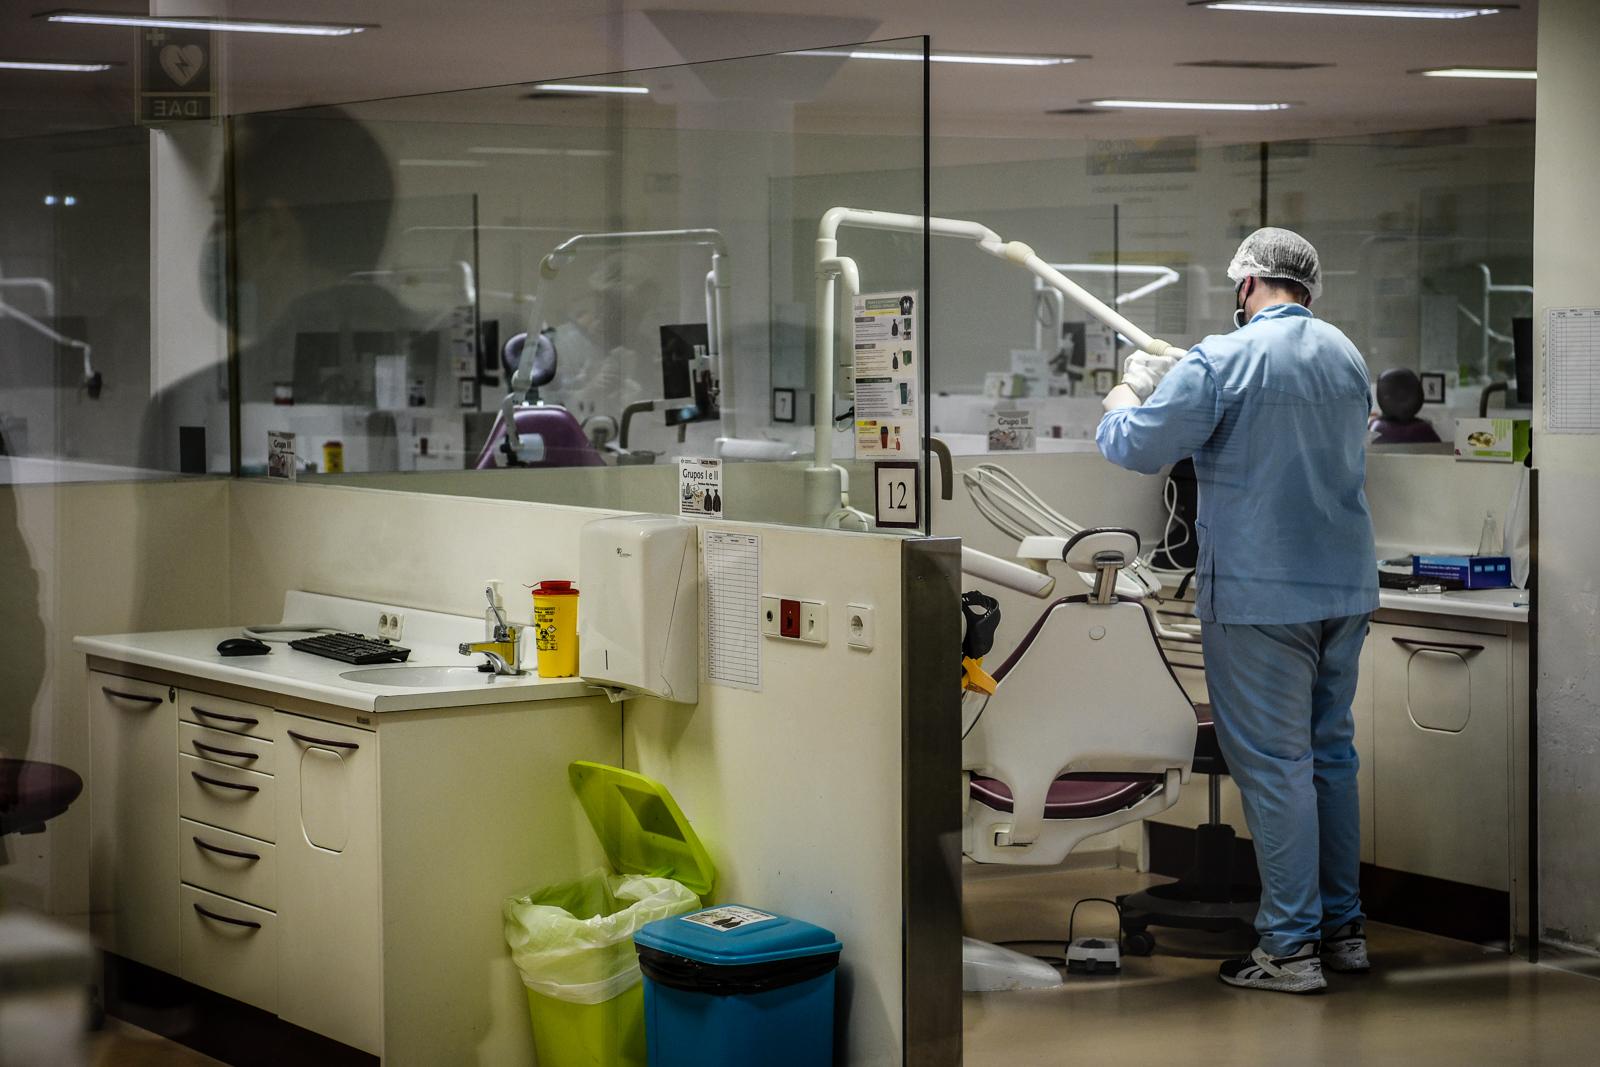 Fotos genérica da clínica dentária da Universidade Católica Portuguesa em Viseu